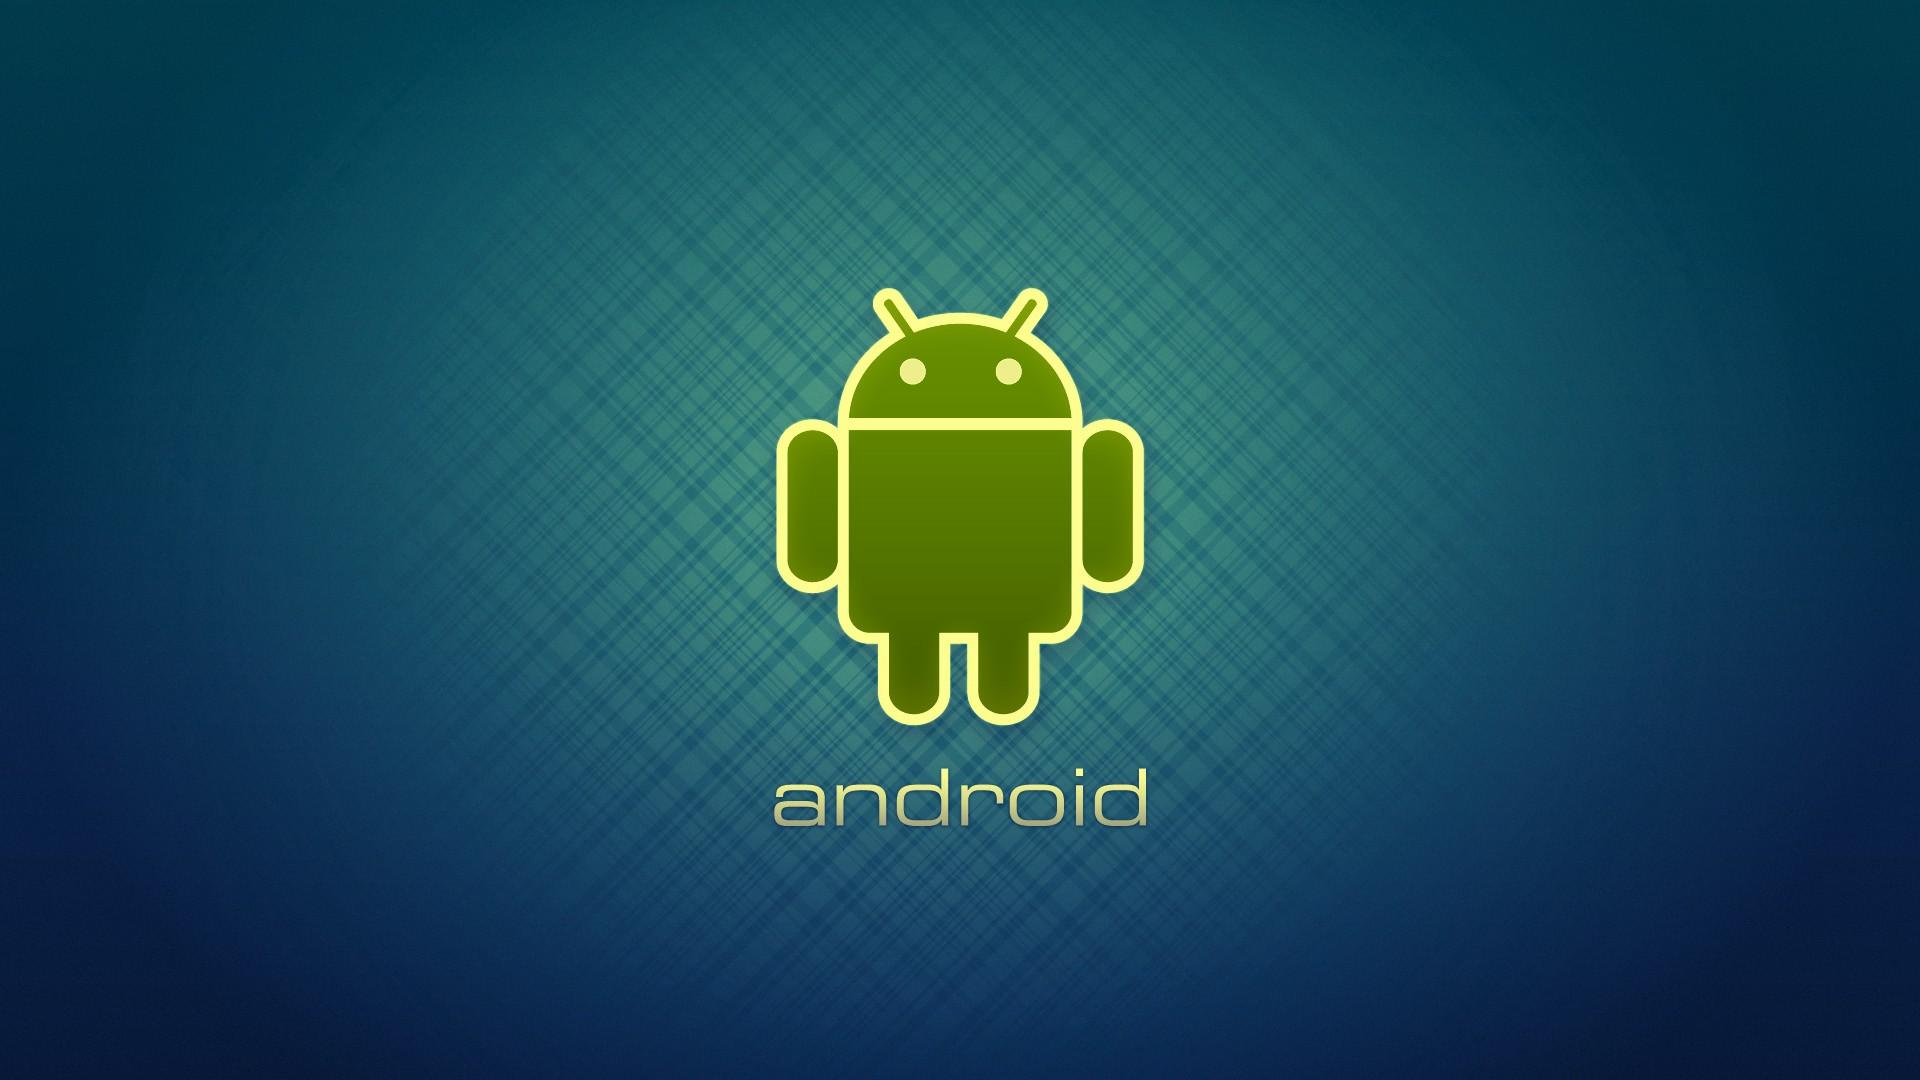 1920x1080 description google android wallpaper is a hi res wallpaper for pc